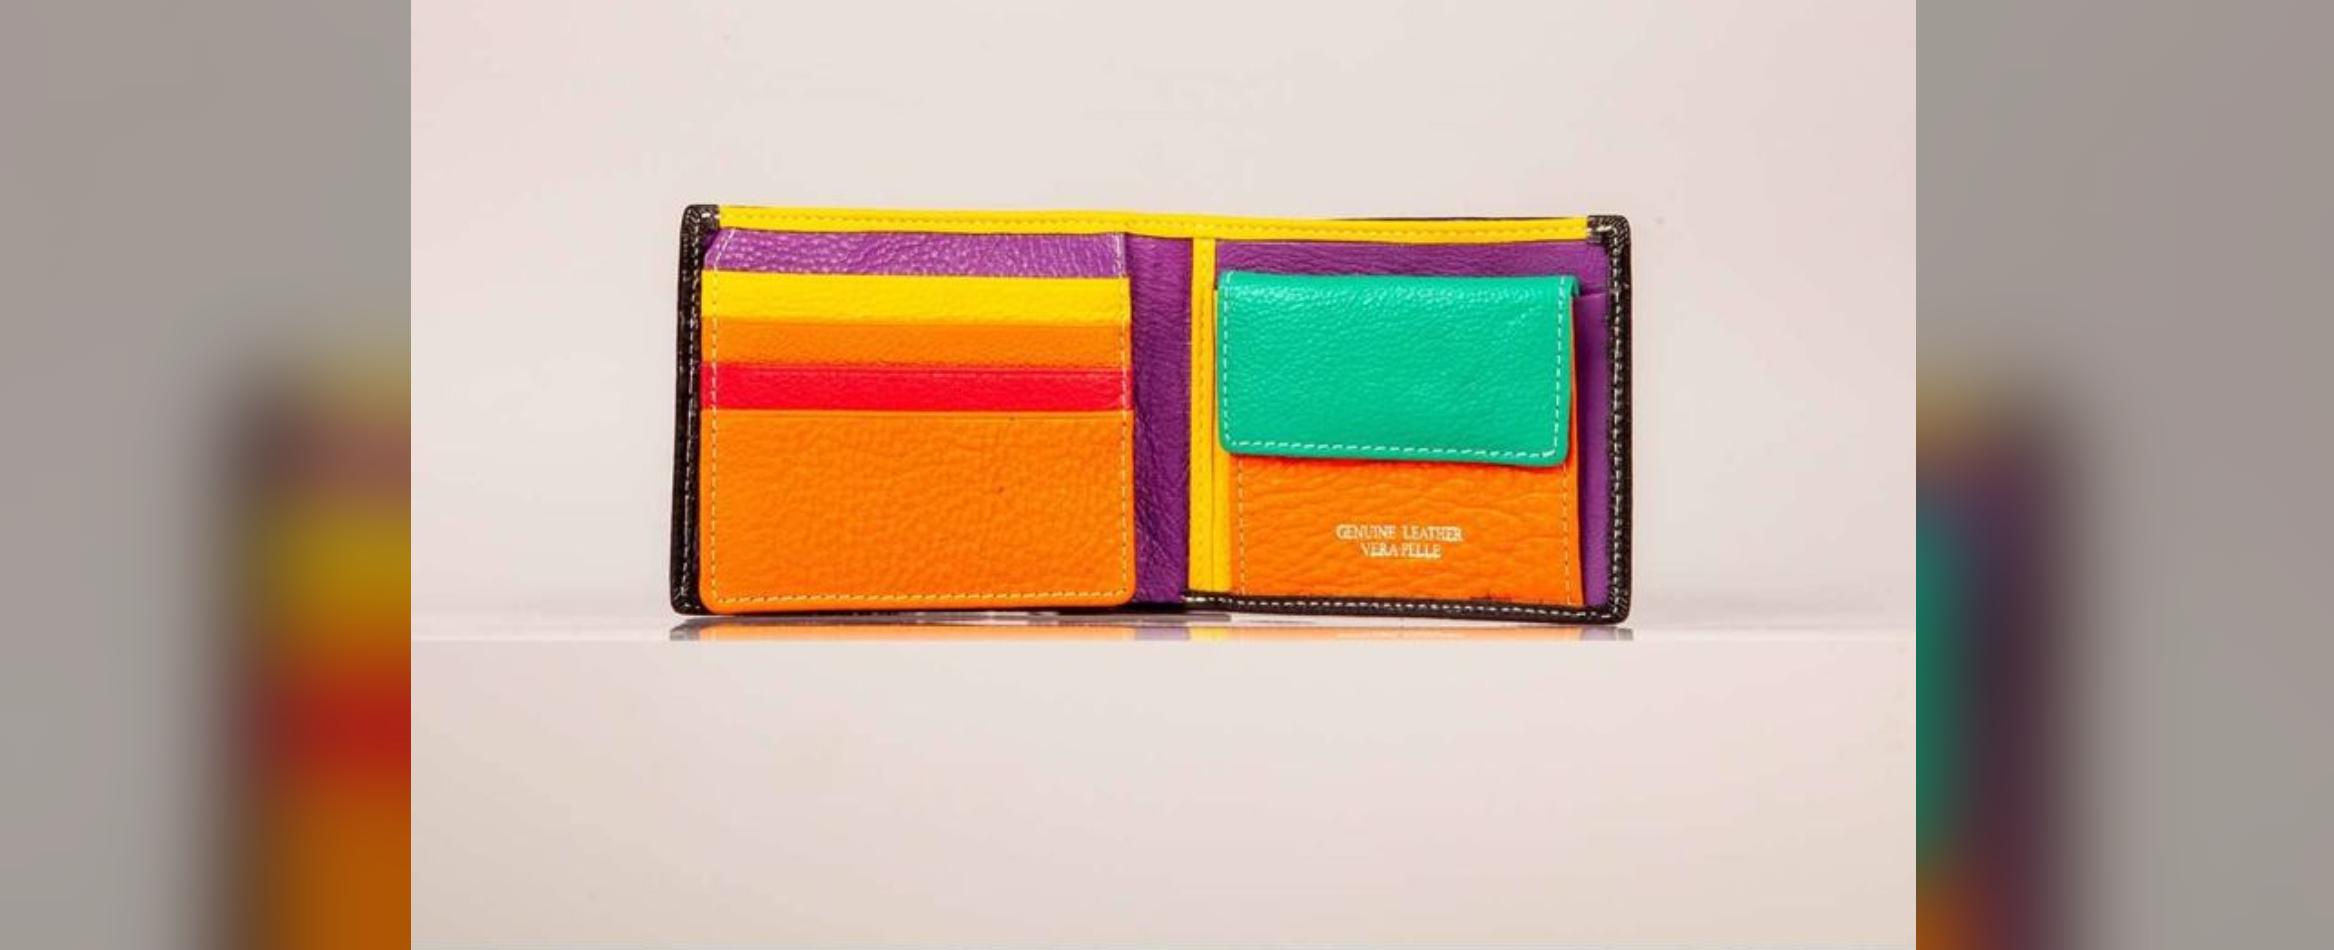 Come scegliere il portafoglio in base al materiale